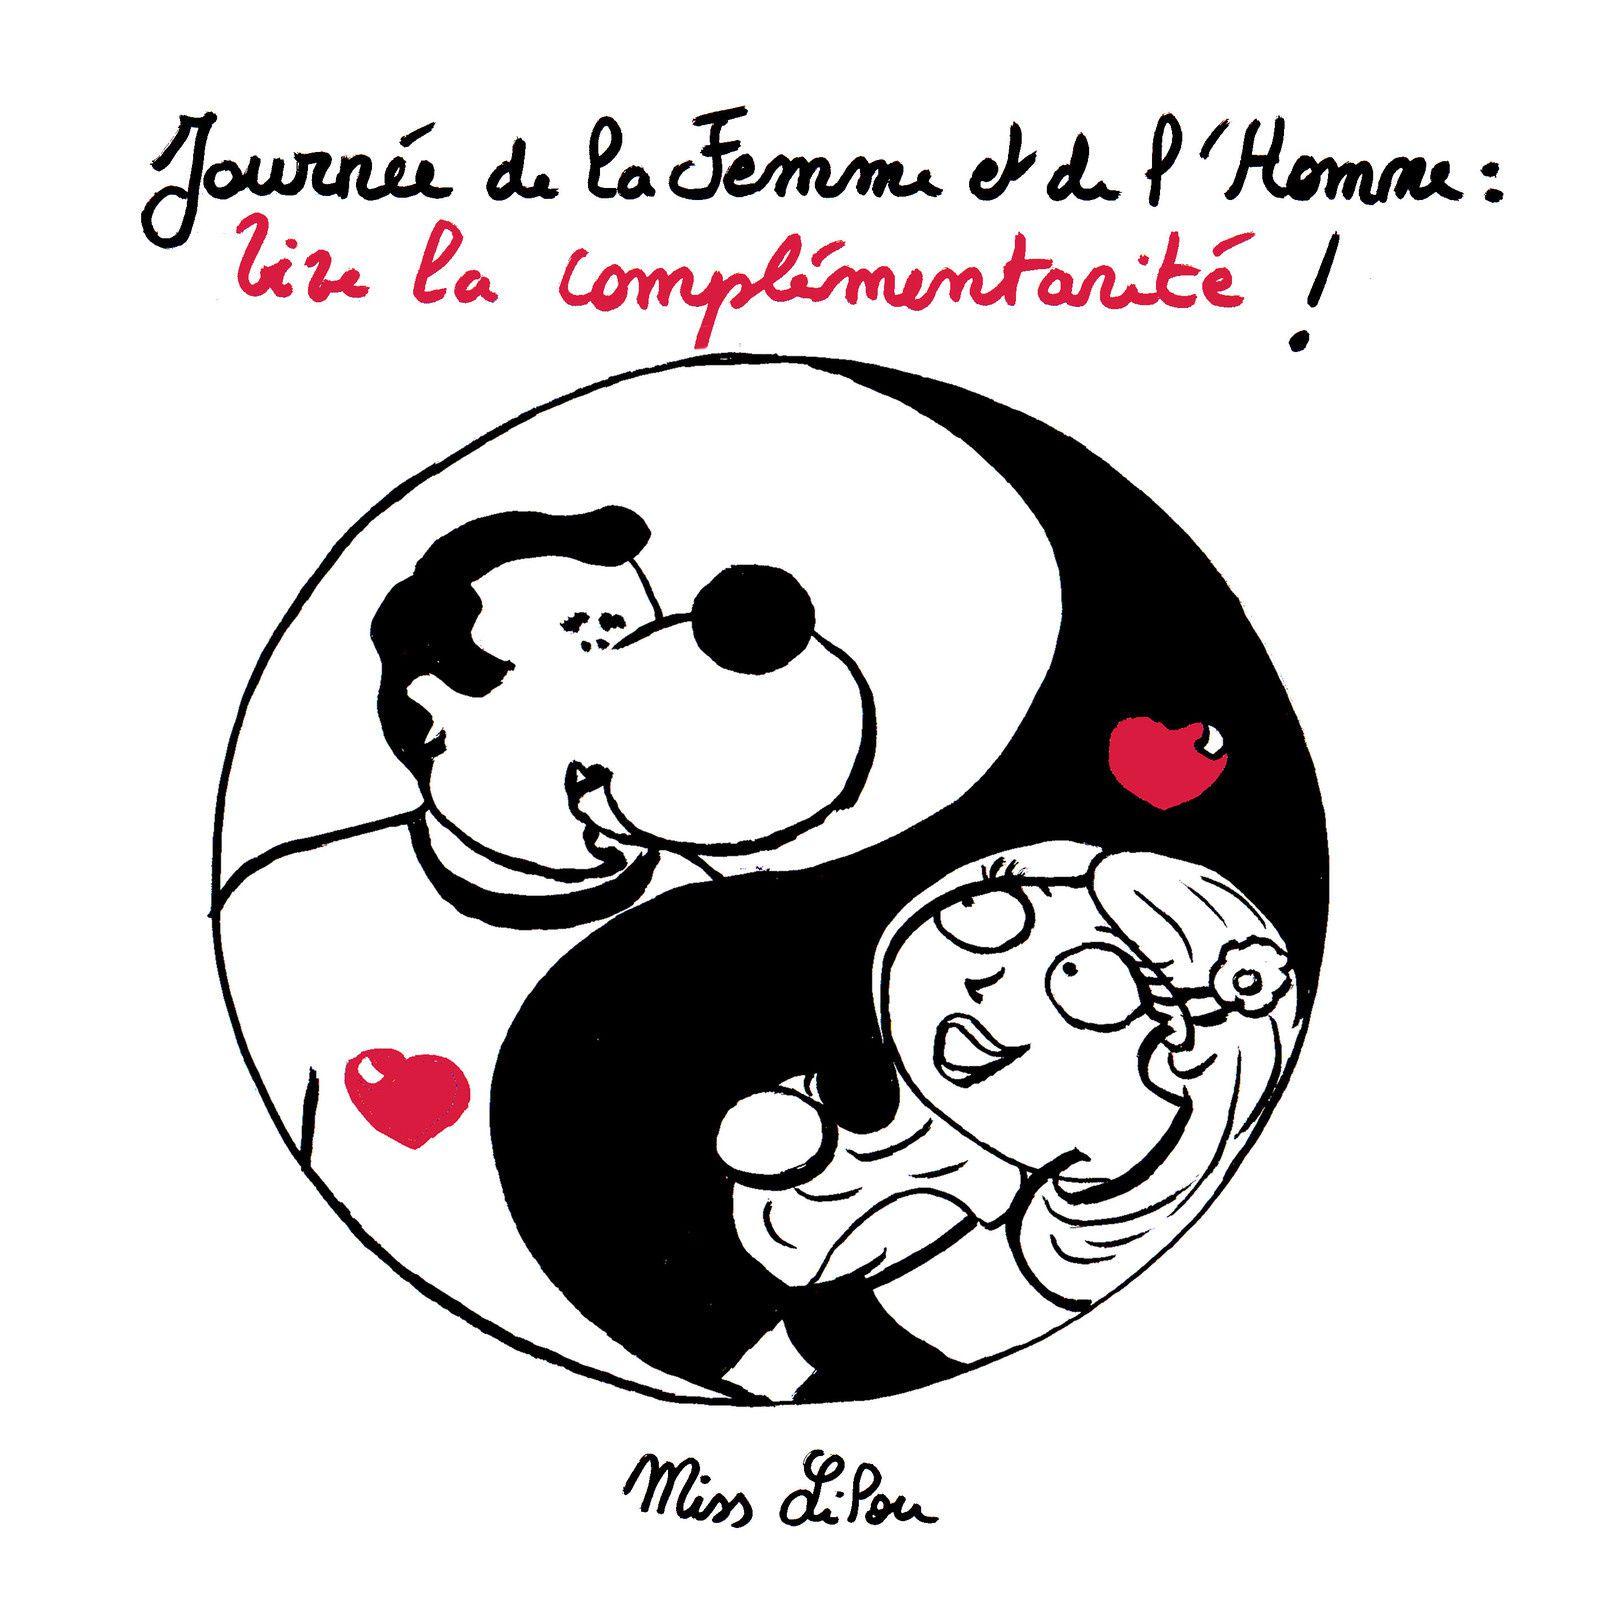 Journée de la Femme…et de l'Homme : Vive la complémentarité !